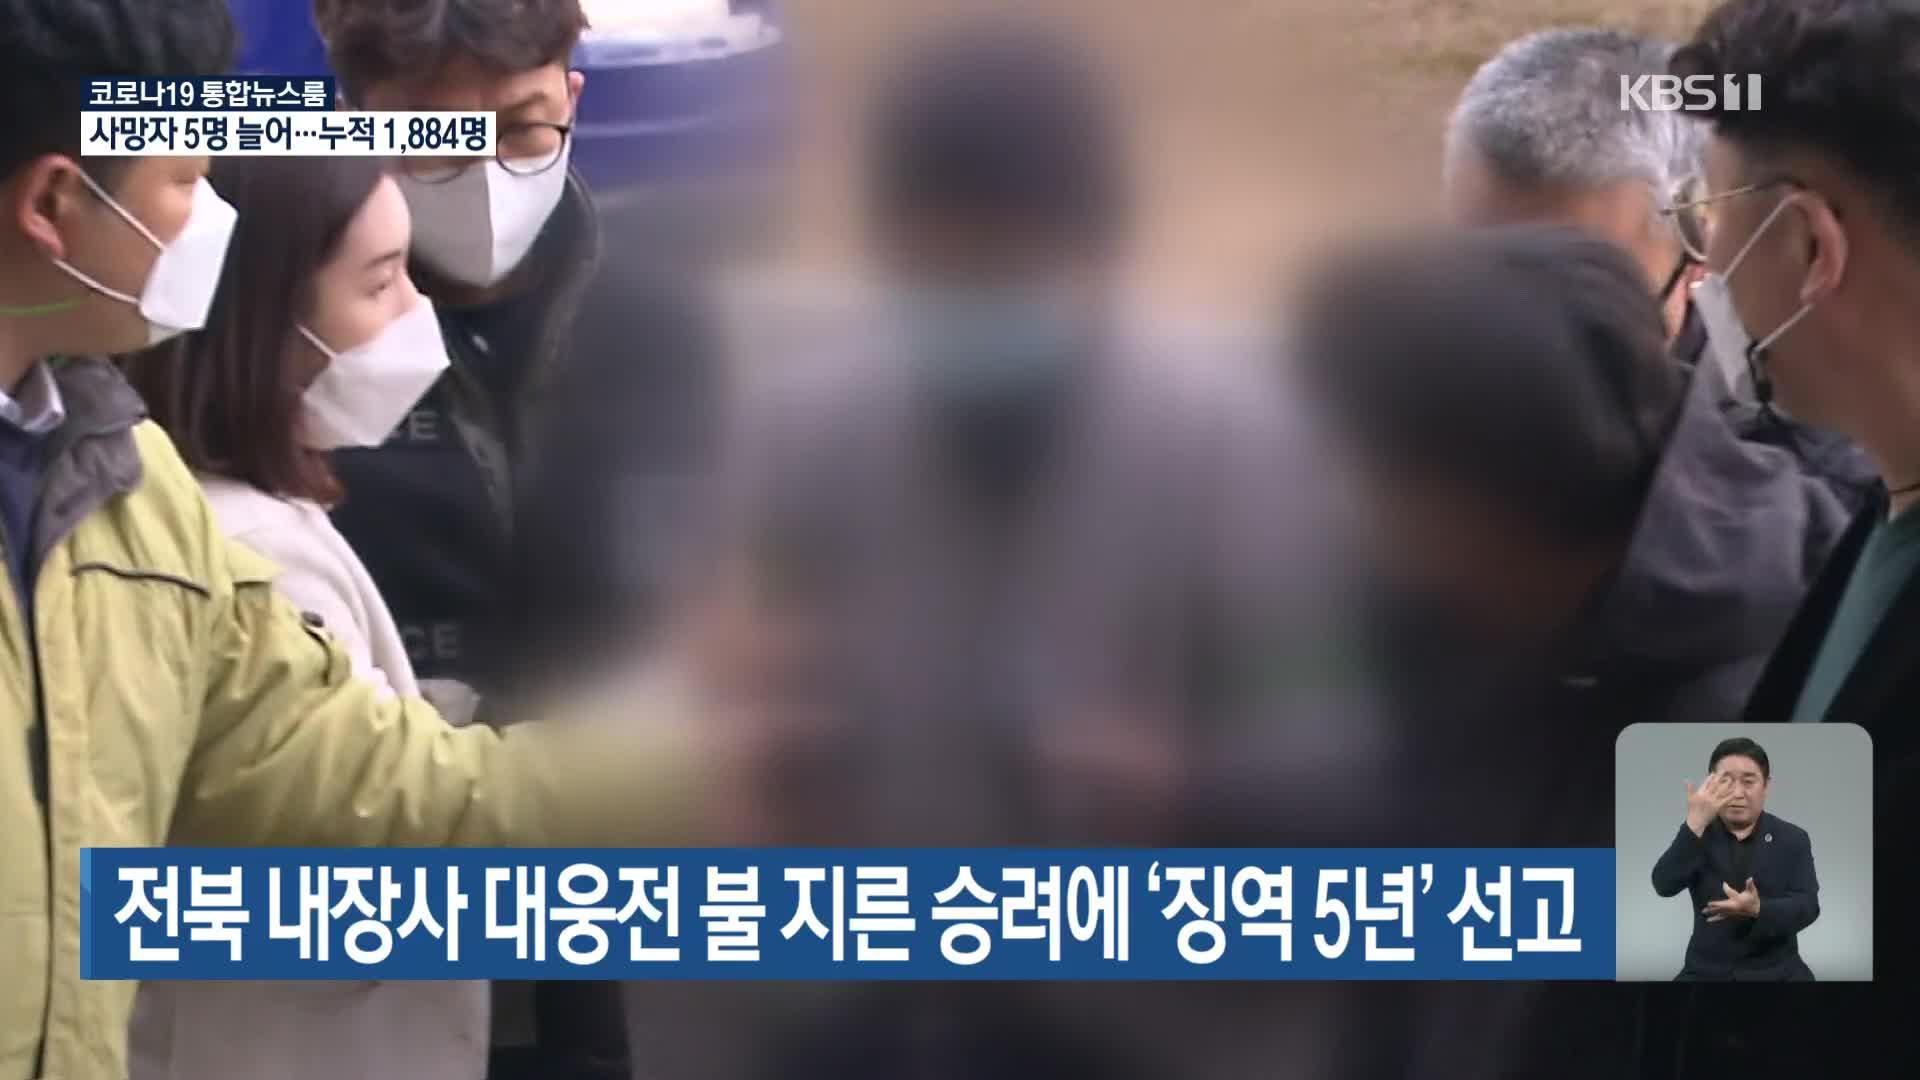 전북 내장사 대웅전 불 지른 승려에 '징역 5년' 선고